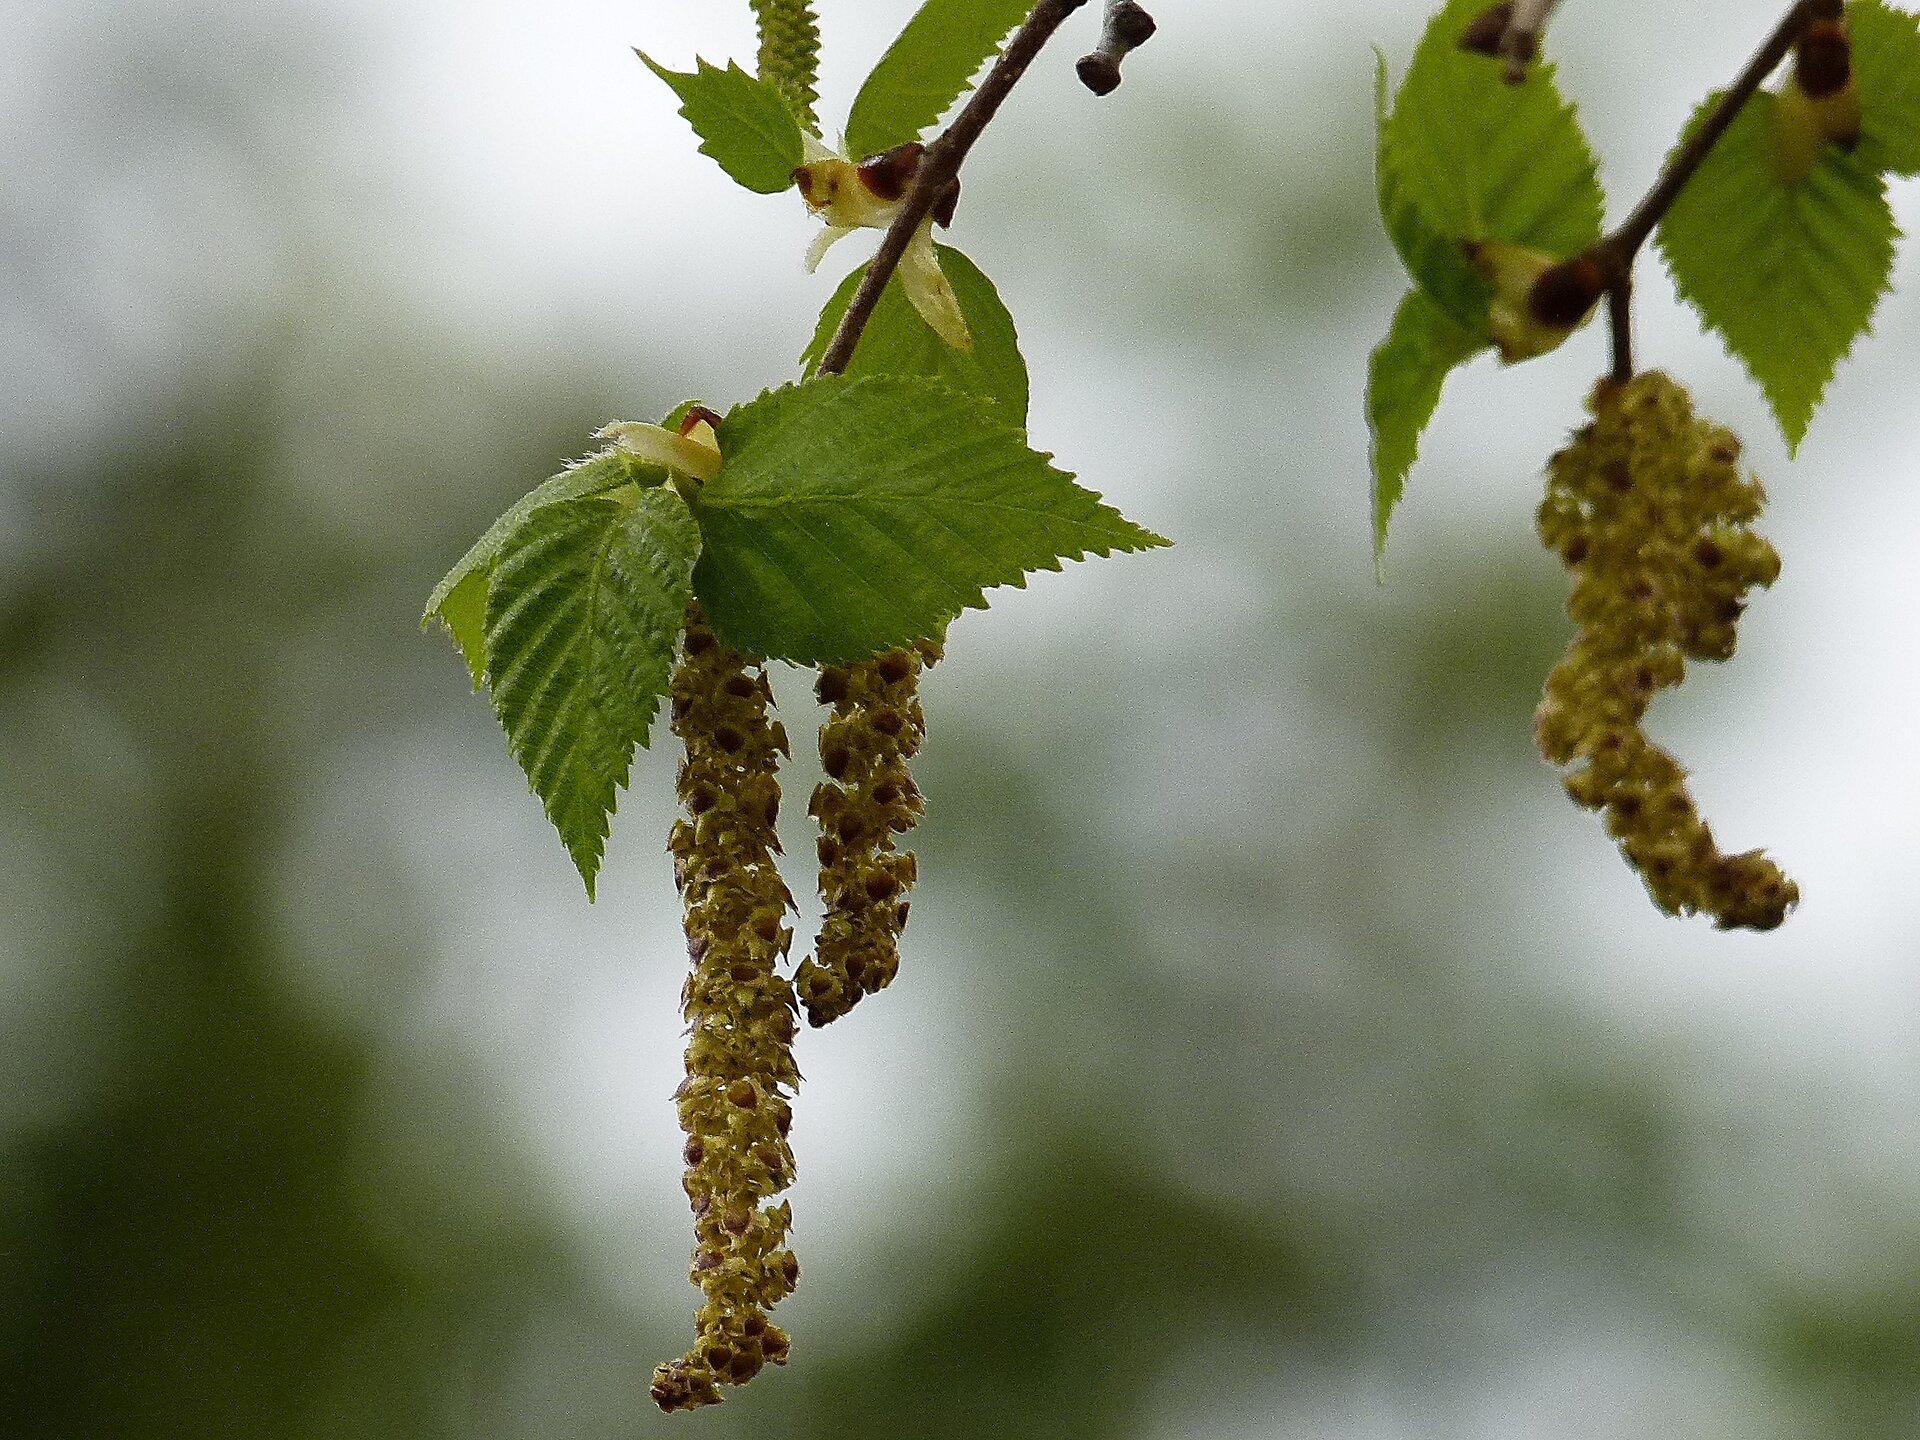 Fotografia liści ikwiatów brzozy. Kwiaty są beżowe. Brzozy mają białą korę, łuszczącą się wpoprzek pnia. Liście niewielkie, ciemnozielone, wkształcie rombów na długich ogonkach. Brzeg blaszki liściowej drobno ząbkowany.